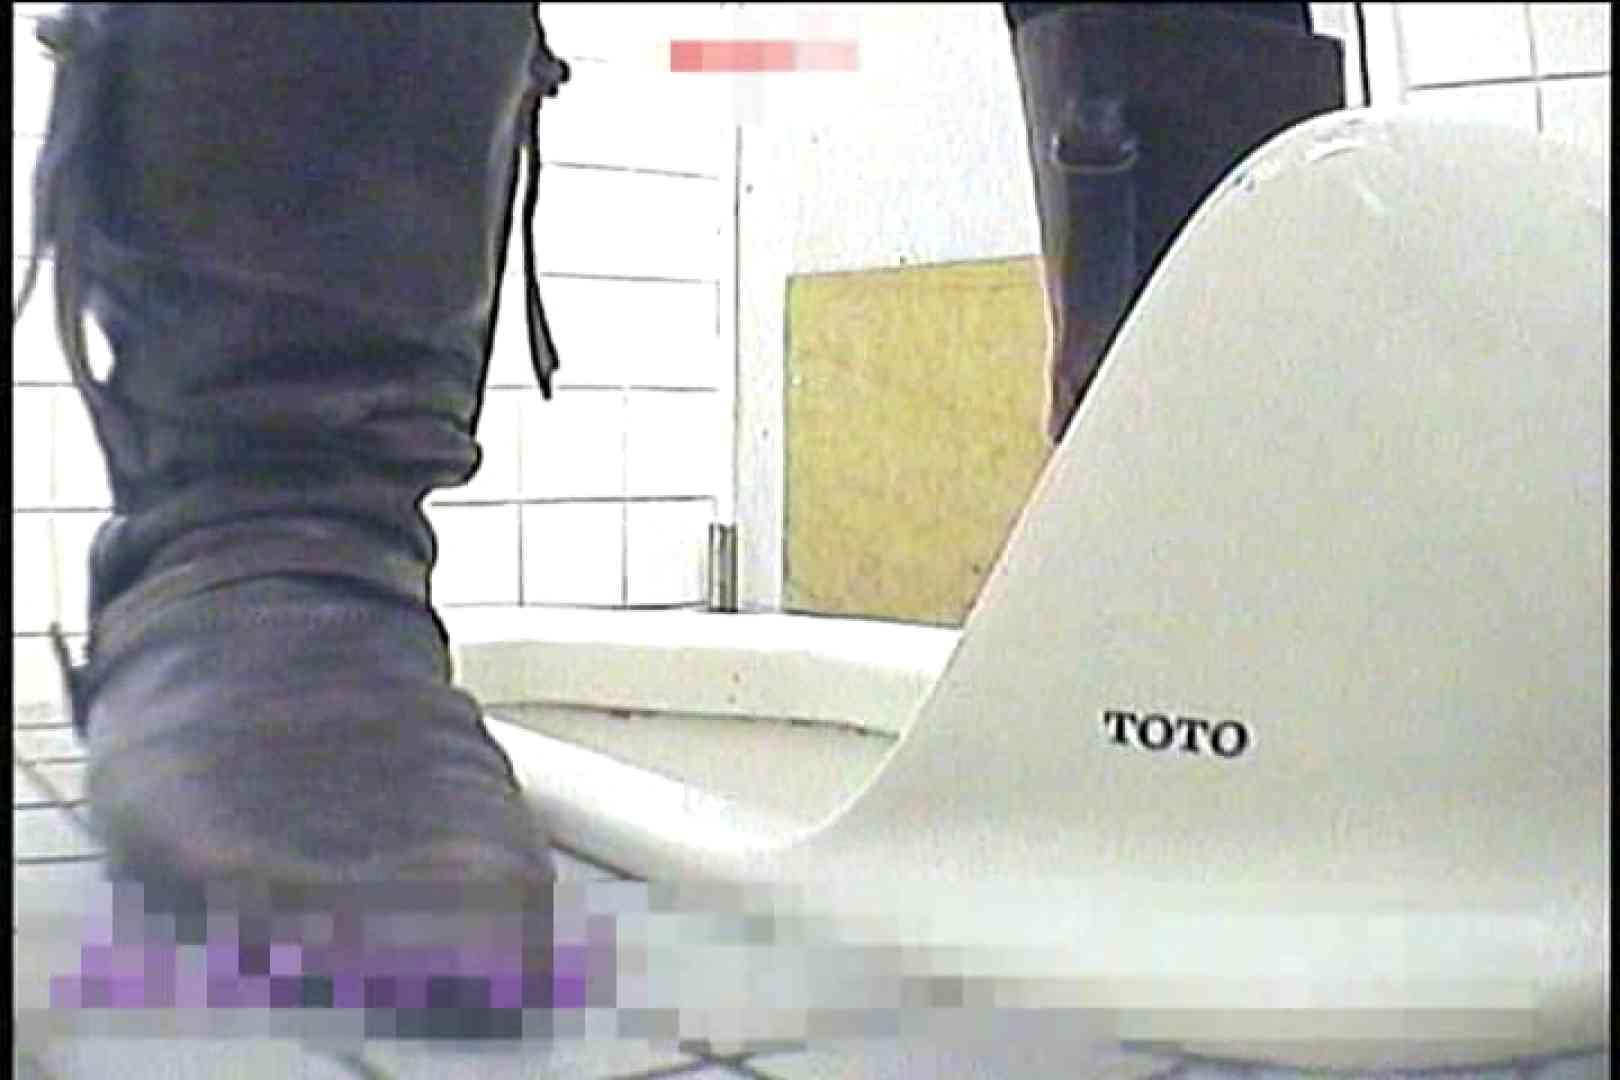 2点盗撮洗面所潜入レポートVol.5 潜入 盗撮アダルト動画キャプチャ 66pic 19